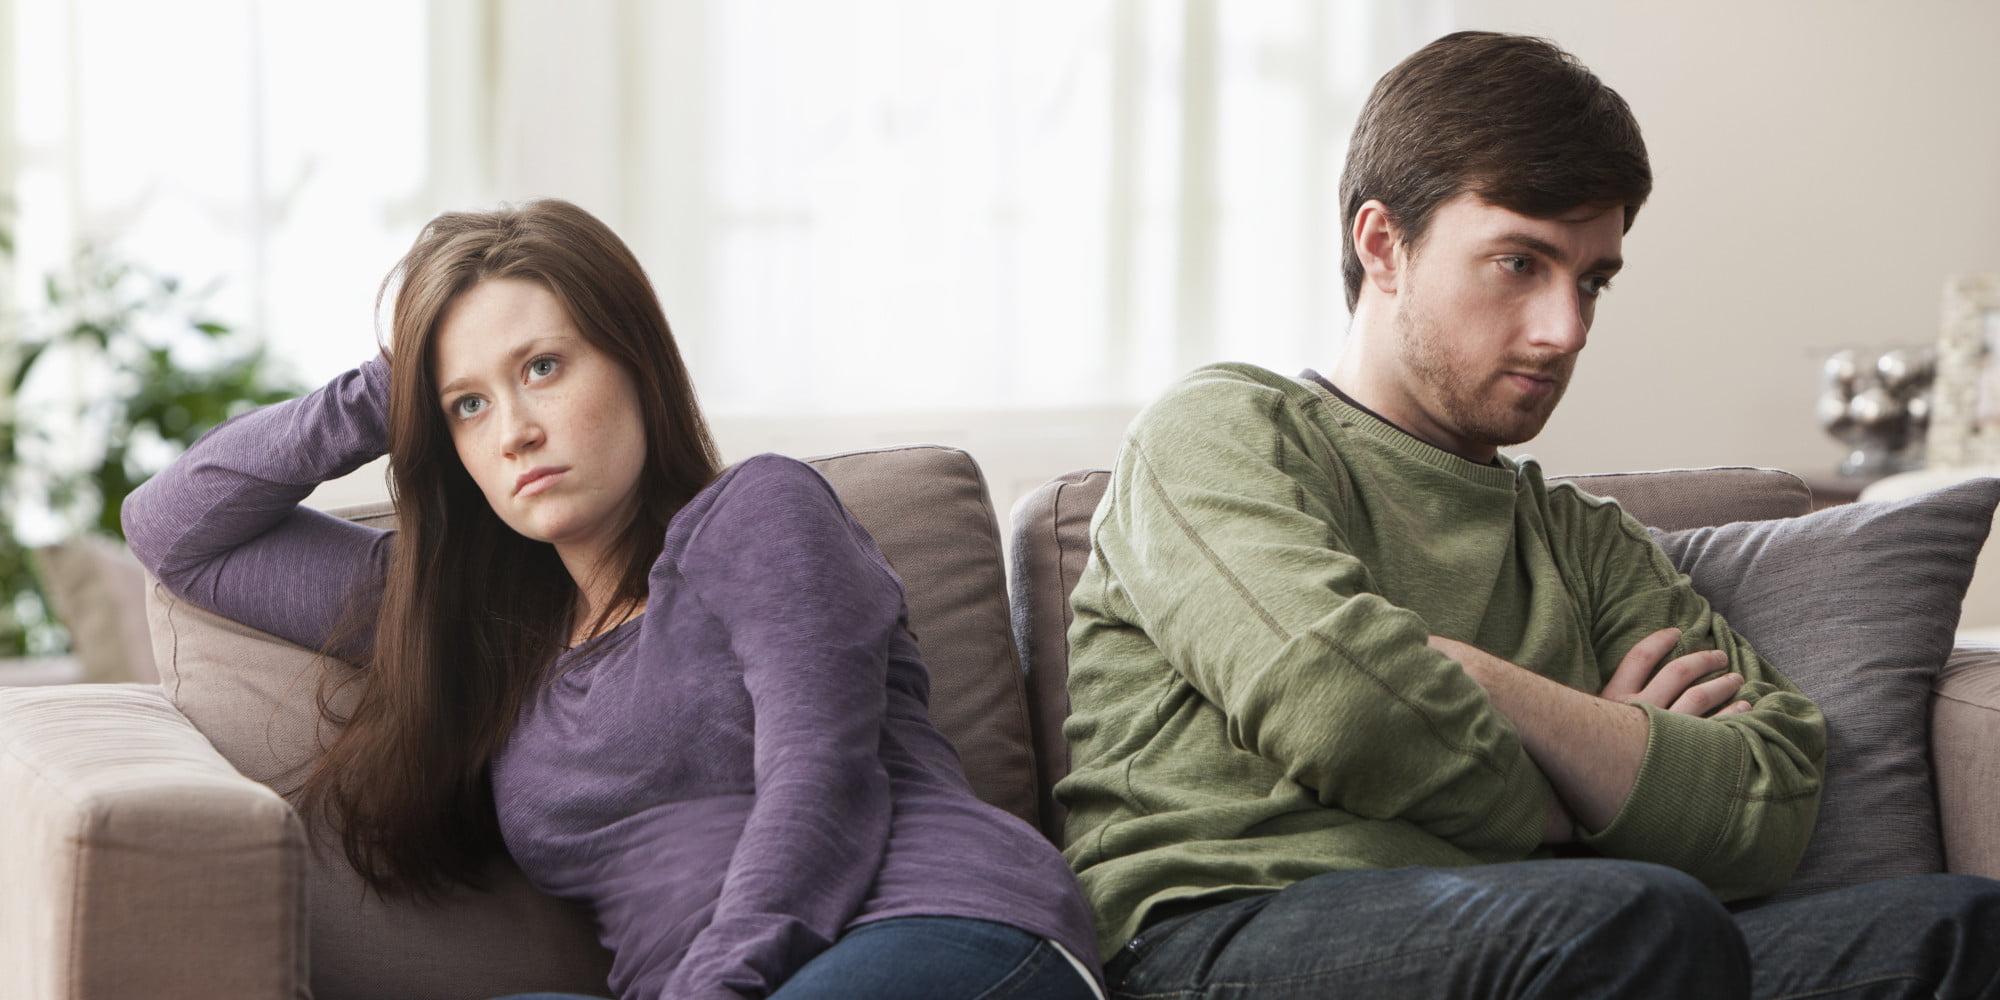 Cuplu se cearta Foto: www.huffingtonpost.com